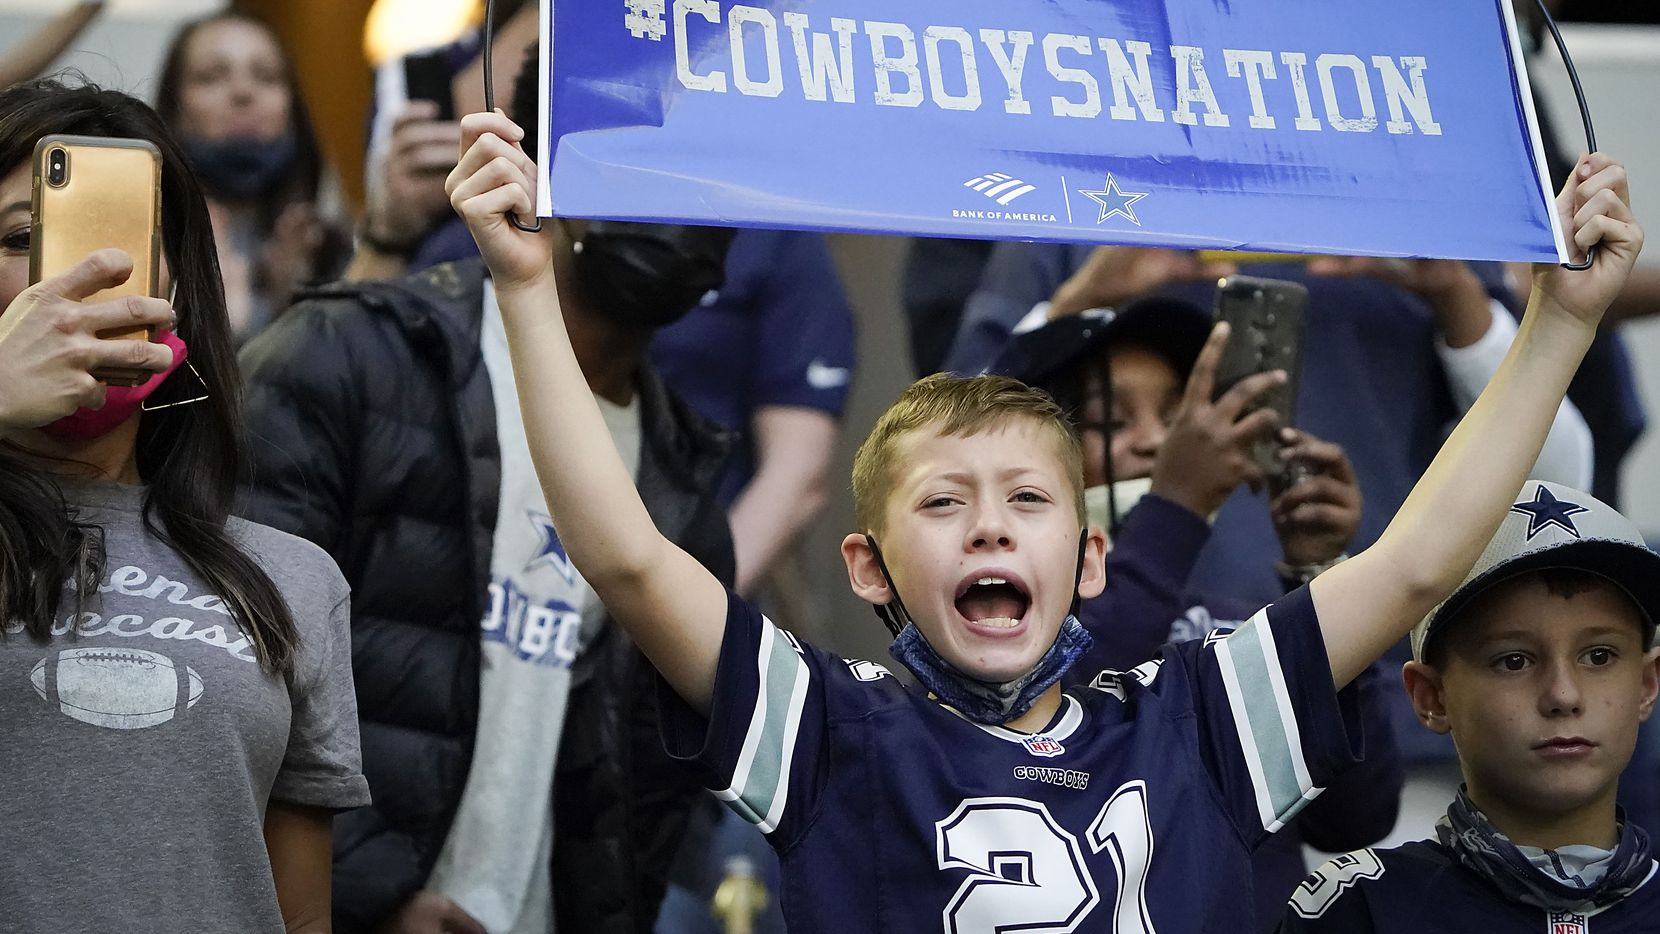 Seguidores de los Cowboys de Dallas de todas edades suelen pasar un buen tiempo en las gradas del AT&T Stadium de Arlington.